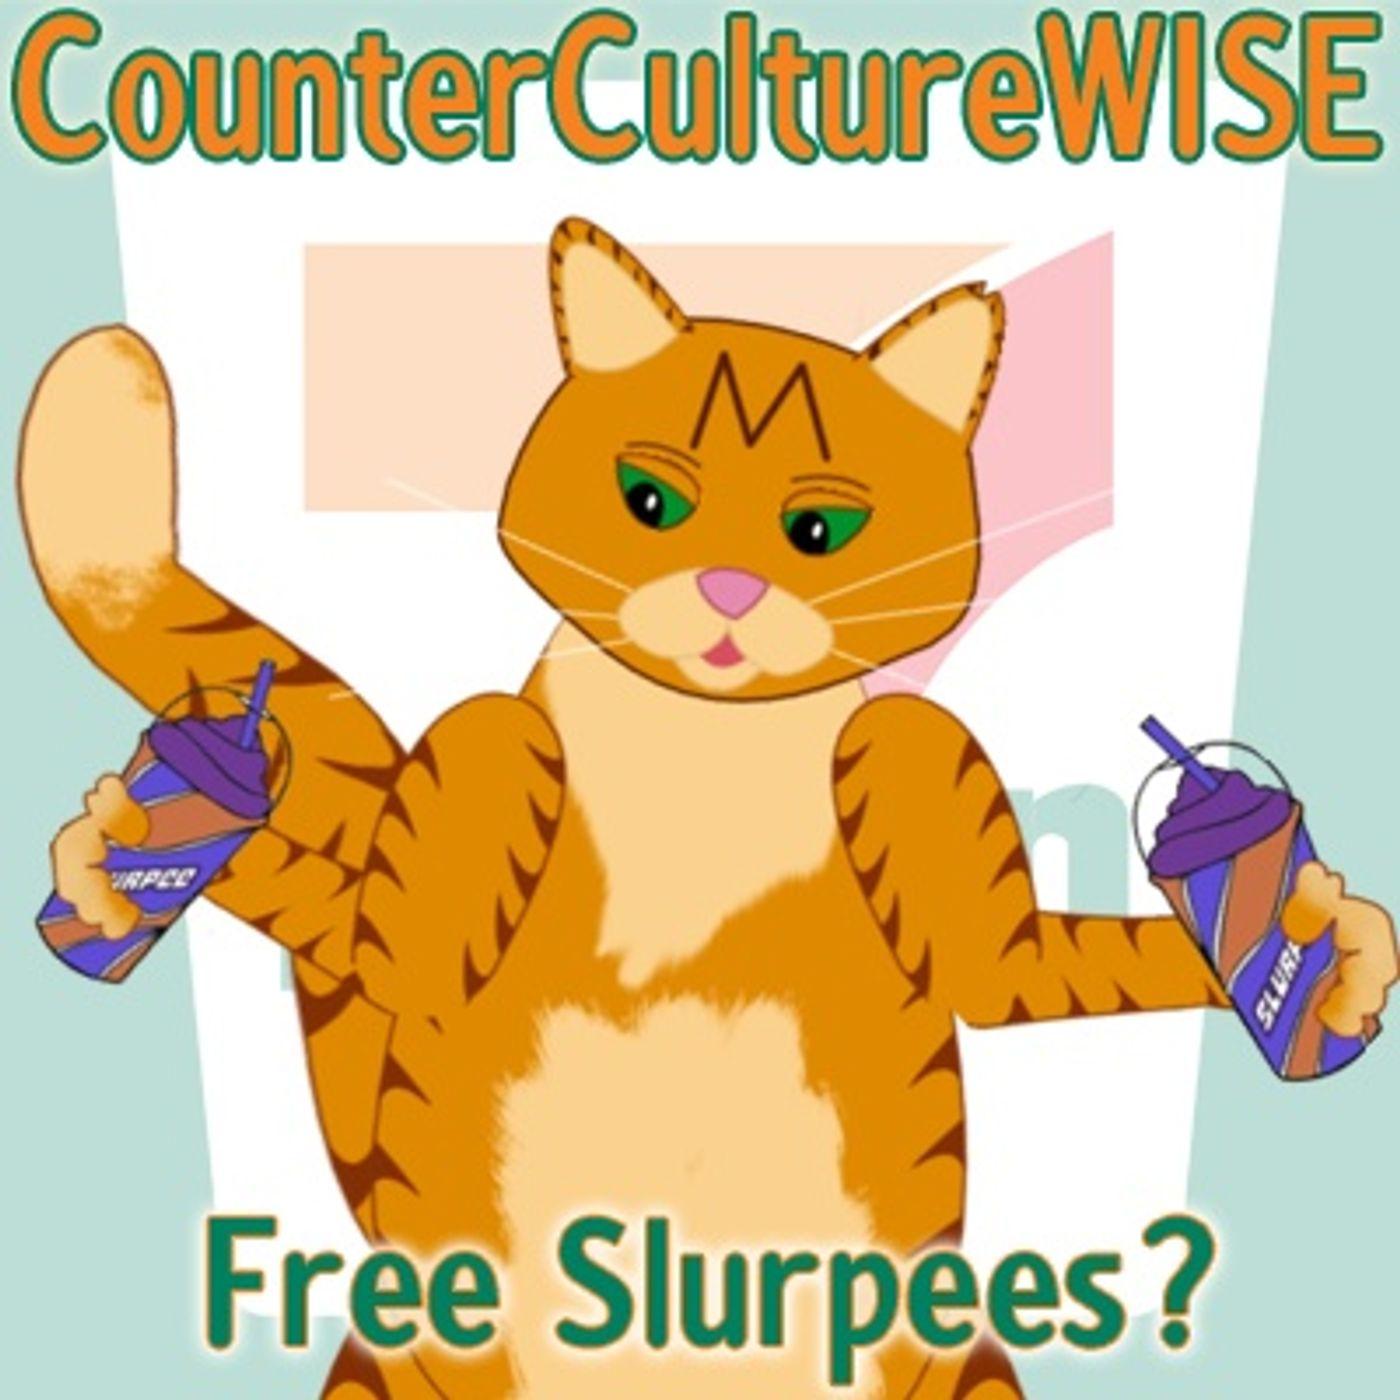 Free Slurpees?